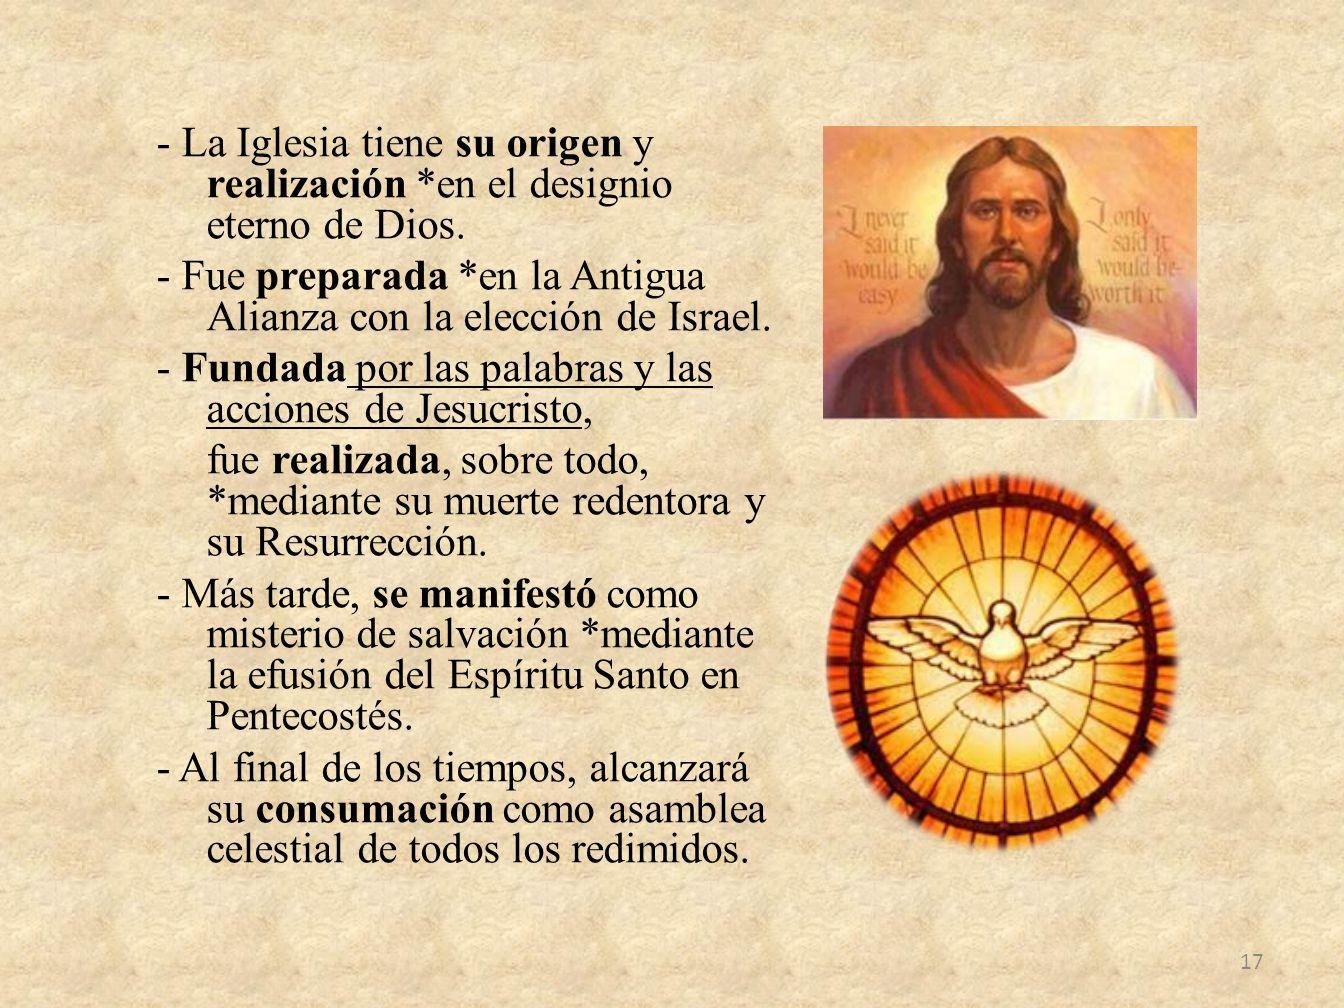 - La Iglesia tiene su origen y realización